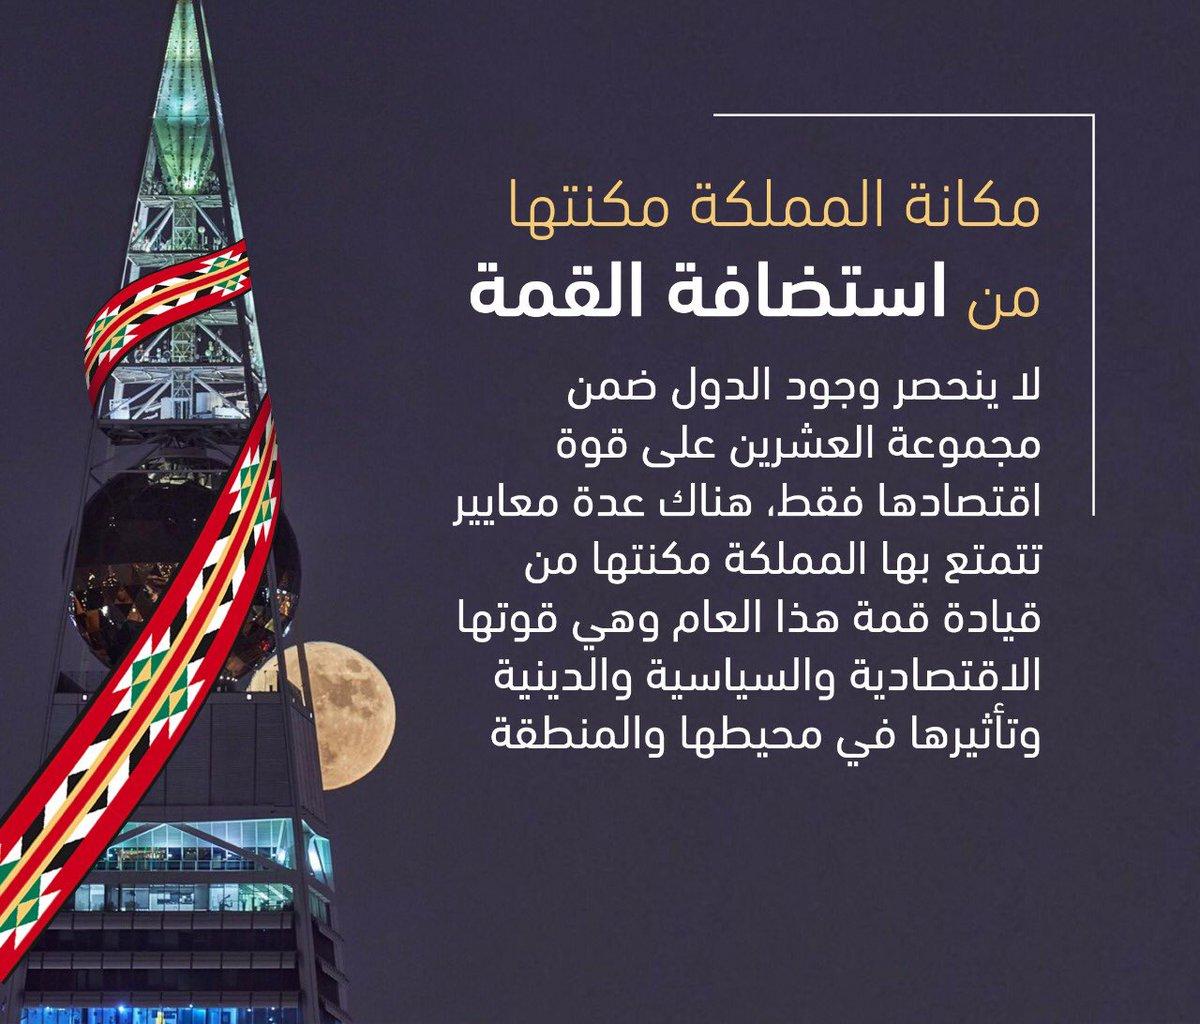 السعودية وقمة العشرين، قصة نجاح يخلدها التاريخ بقمة اقيمت في حدث تاريخي. #نجاح_قمة_العشرين_بالسعودية